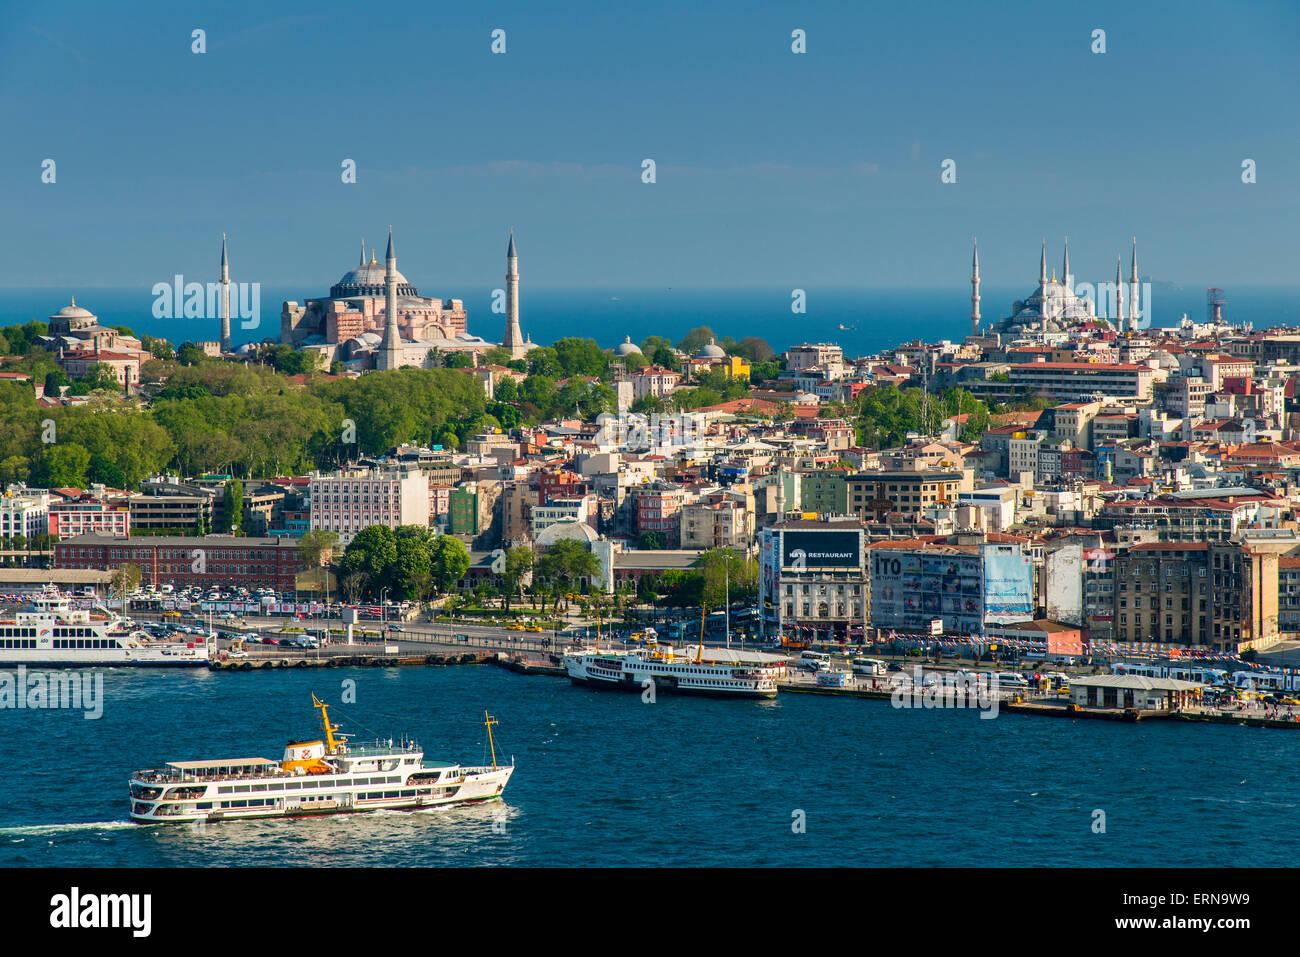 Ciudad con Bosphurus strait, Estambul, Turquía Imagen De Stock